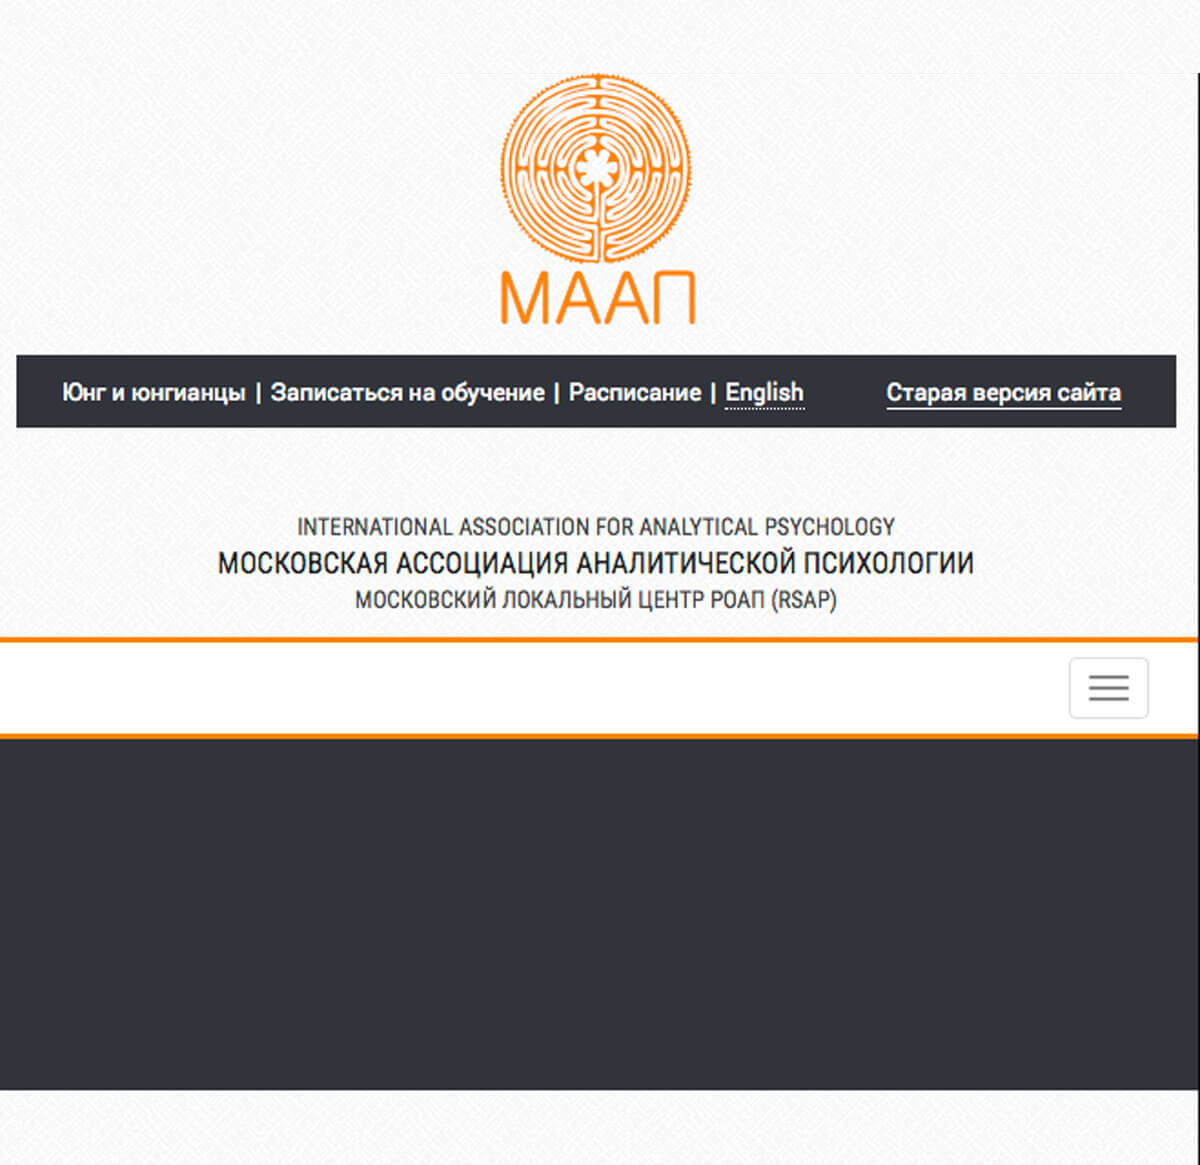 INTERNATIONAL ASSOCIATION FOR ANALYTICAL PSYCHOLOGY МОСКОВСКАЯ АССОЦИАЦИЯ АНАЛИТИЧЕСКОЙ ПСИХОЛОГИИ МОСКОВСКИЙ ЛОКАЛЬНЫЙ ЦЕНТР РОАП (RSAP)